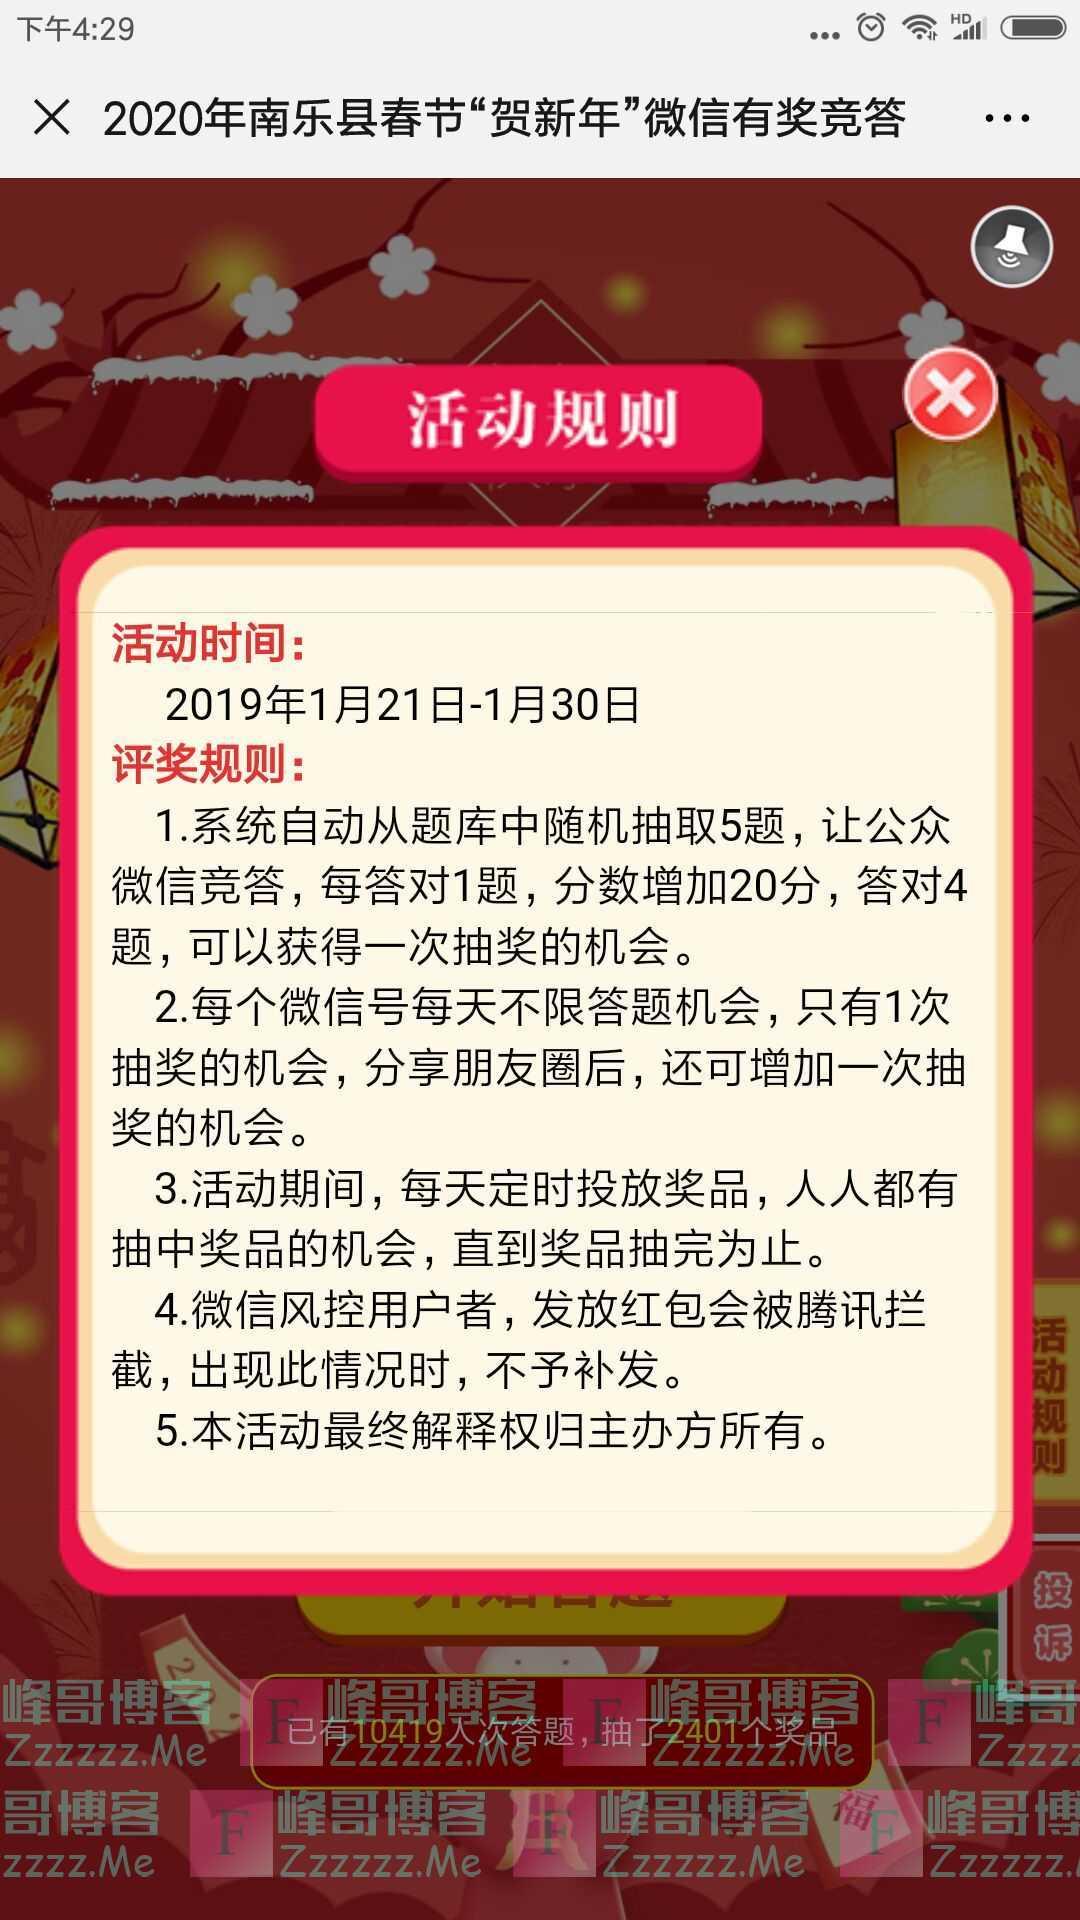 南乐科普南乐县春节有奖竞答(截止1月30日)